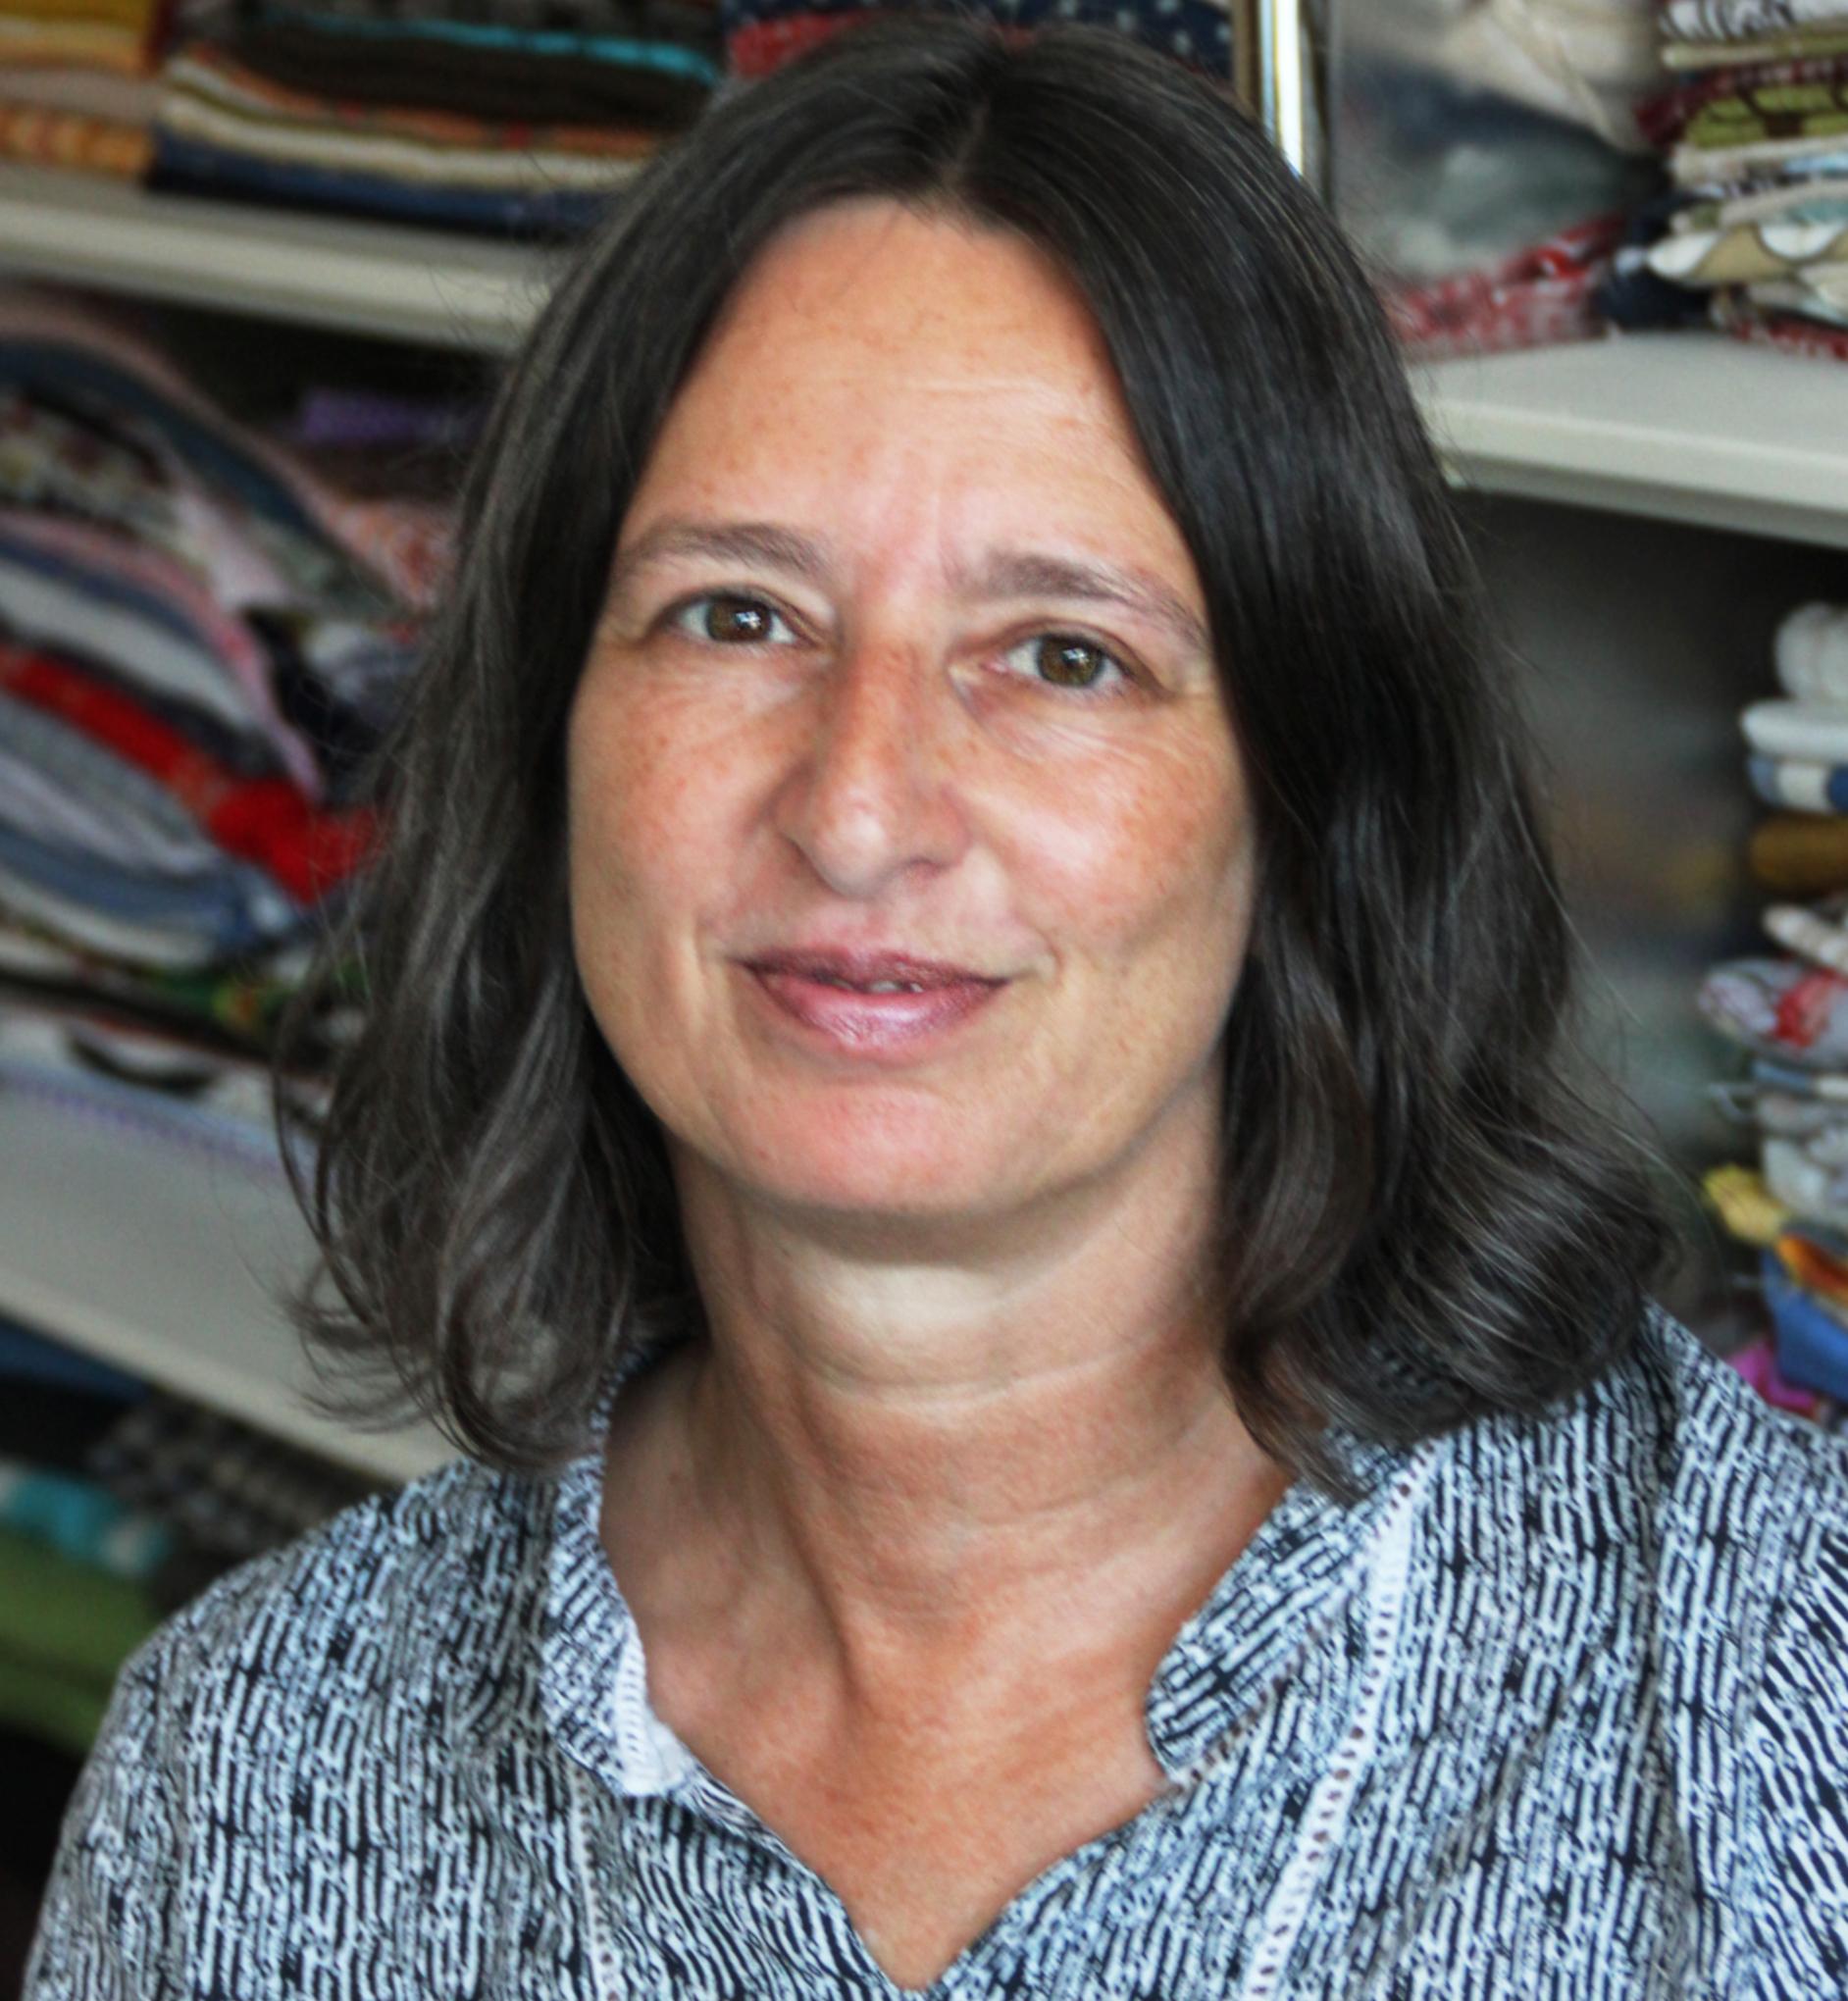 Ein Gespräch mit Andrea Staudenherz